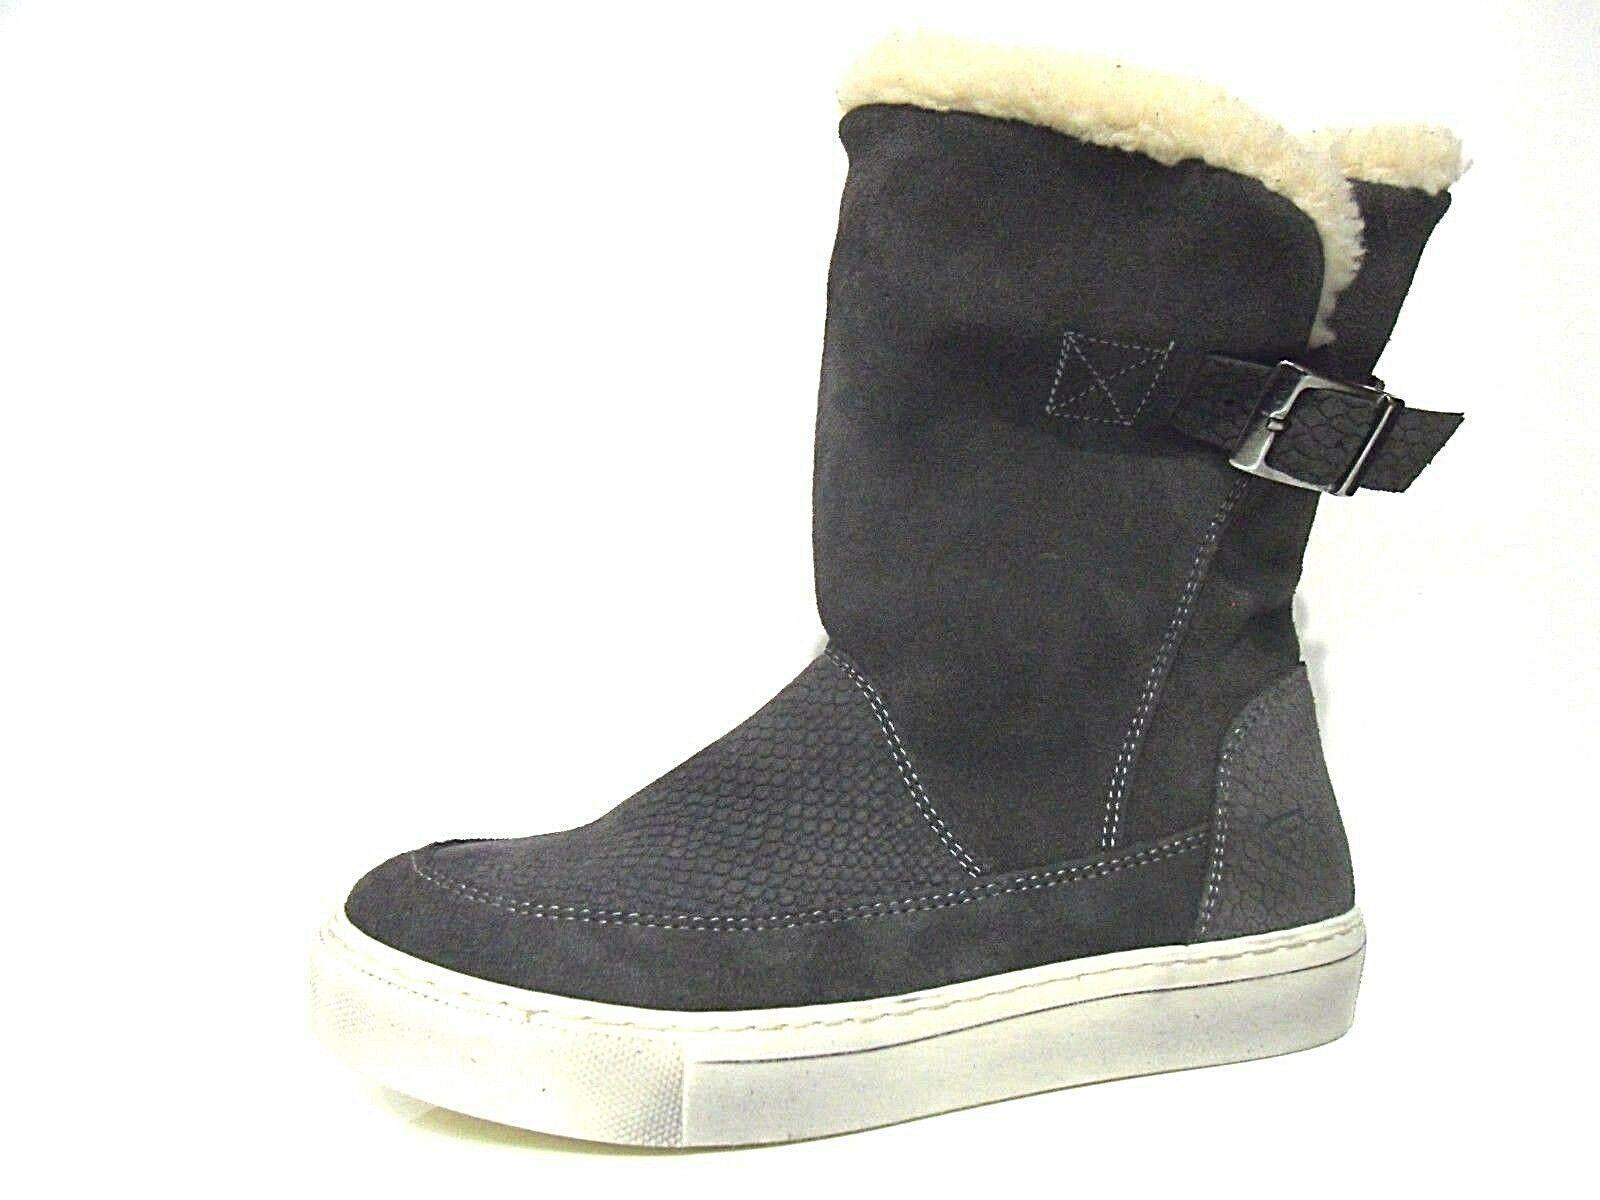 Stiefeletten Stiefel Winter Tamaris Stiefel Primaloft Leder